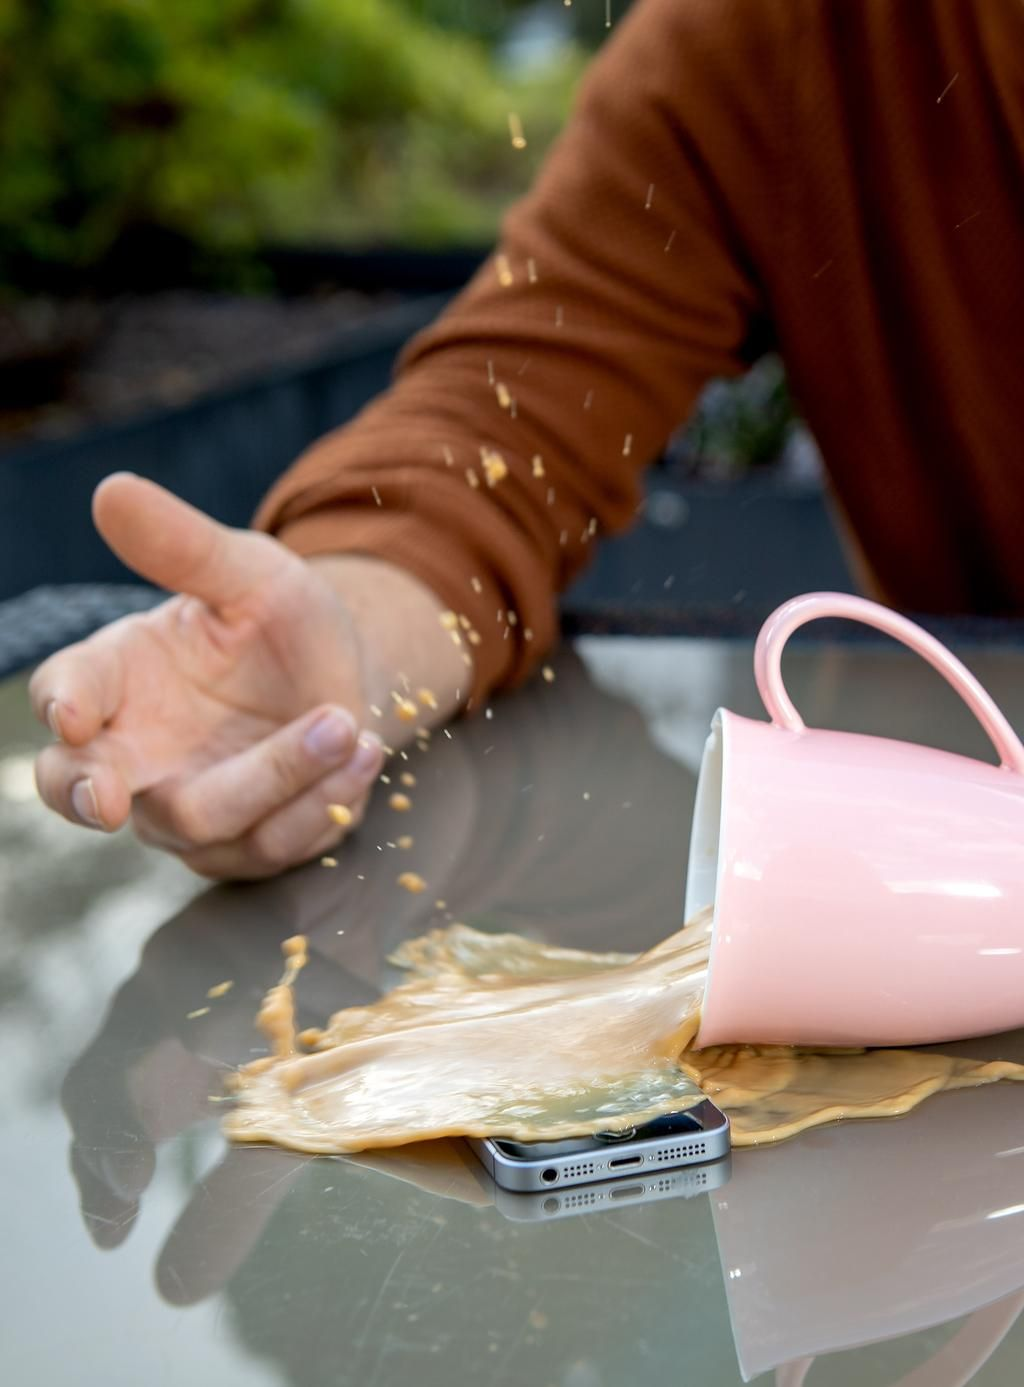 Derrames, burbujas y gotas: cómo secar los dispositivos